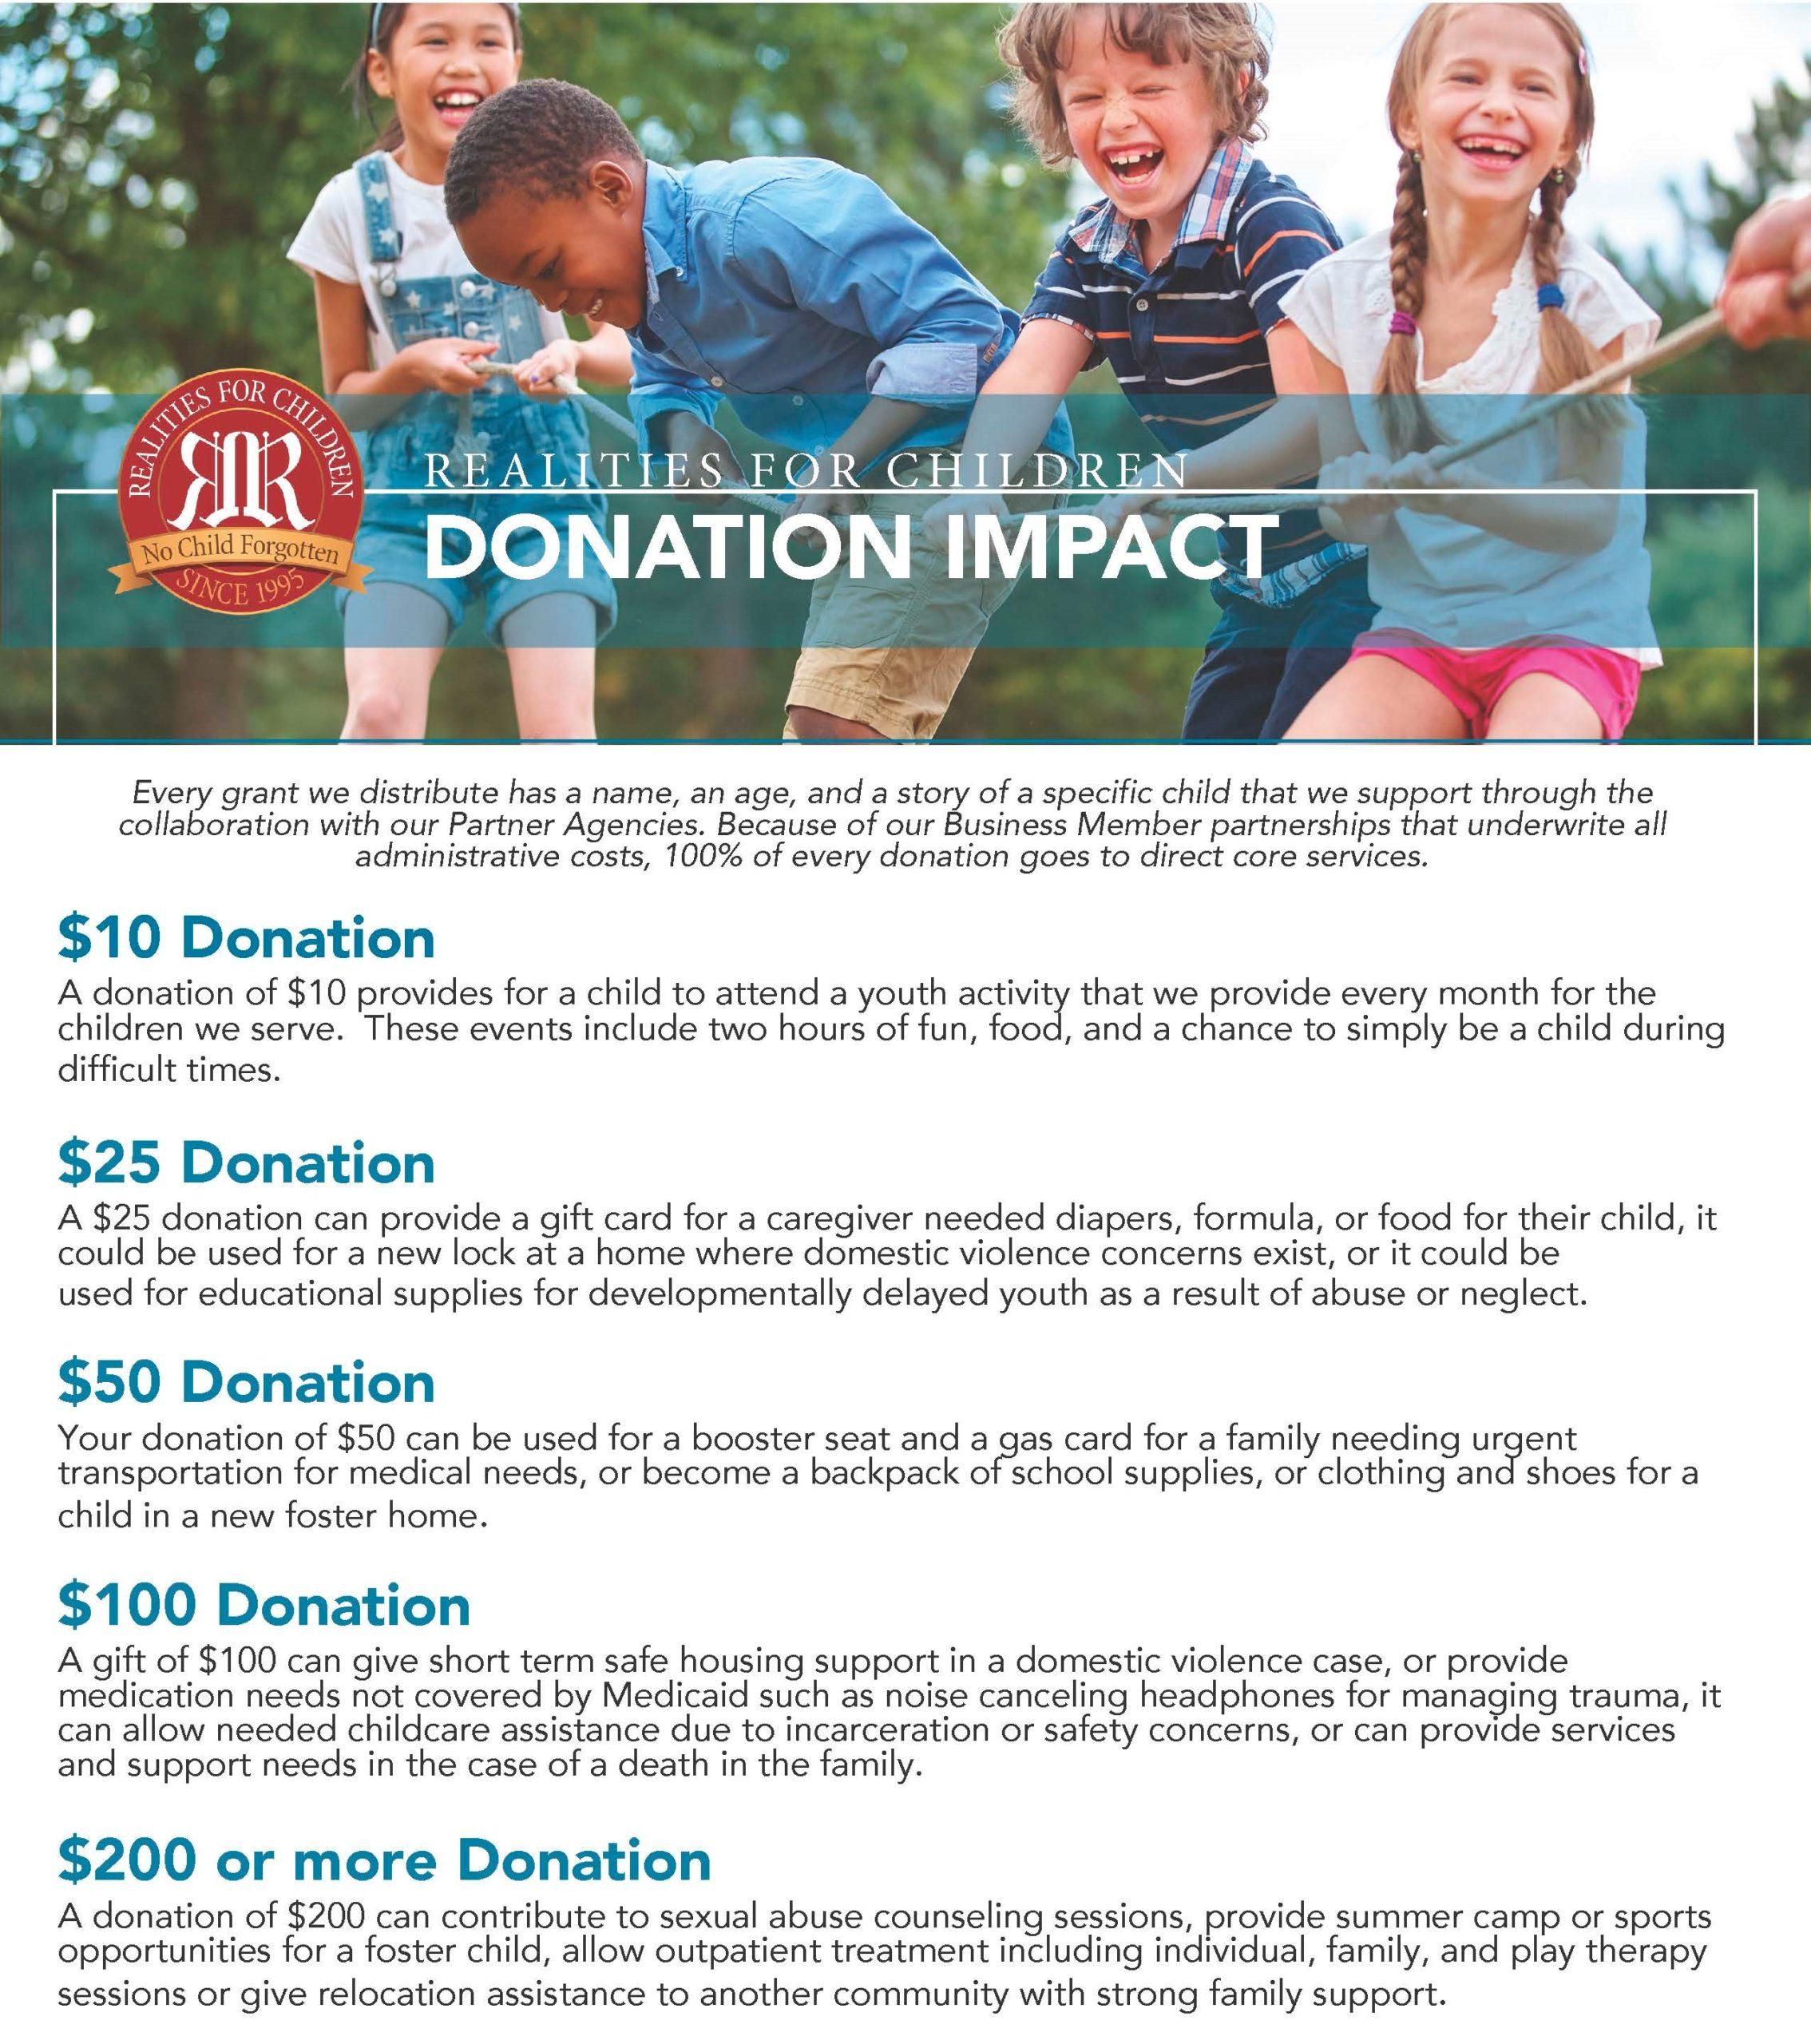 donation impact 2021 image